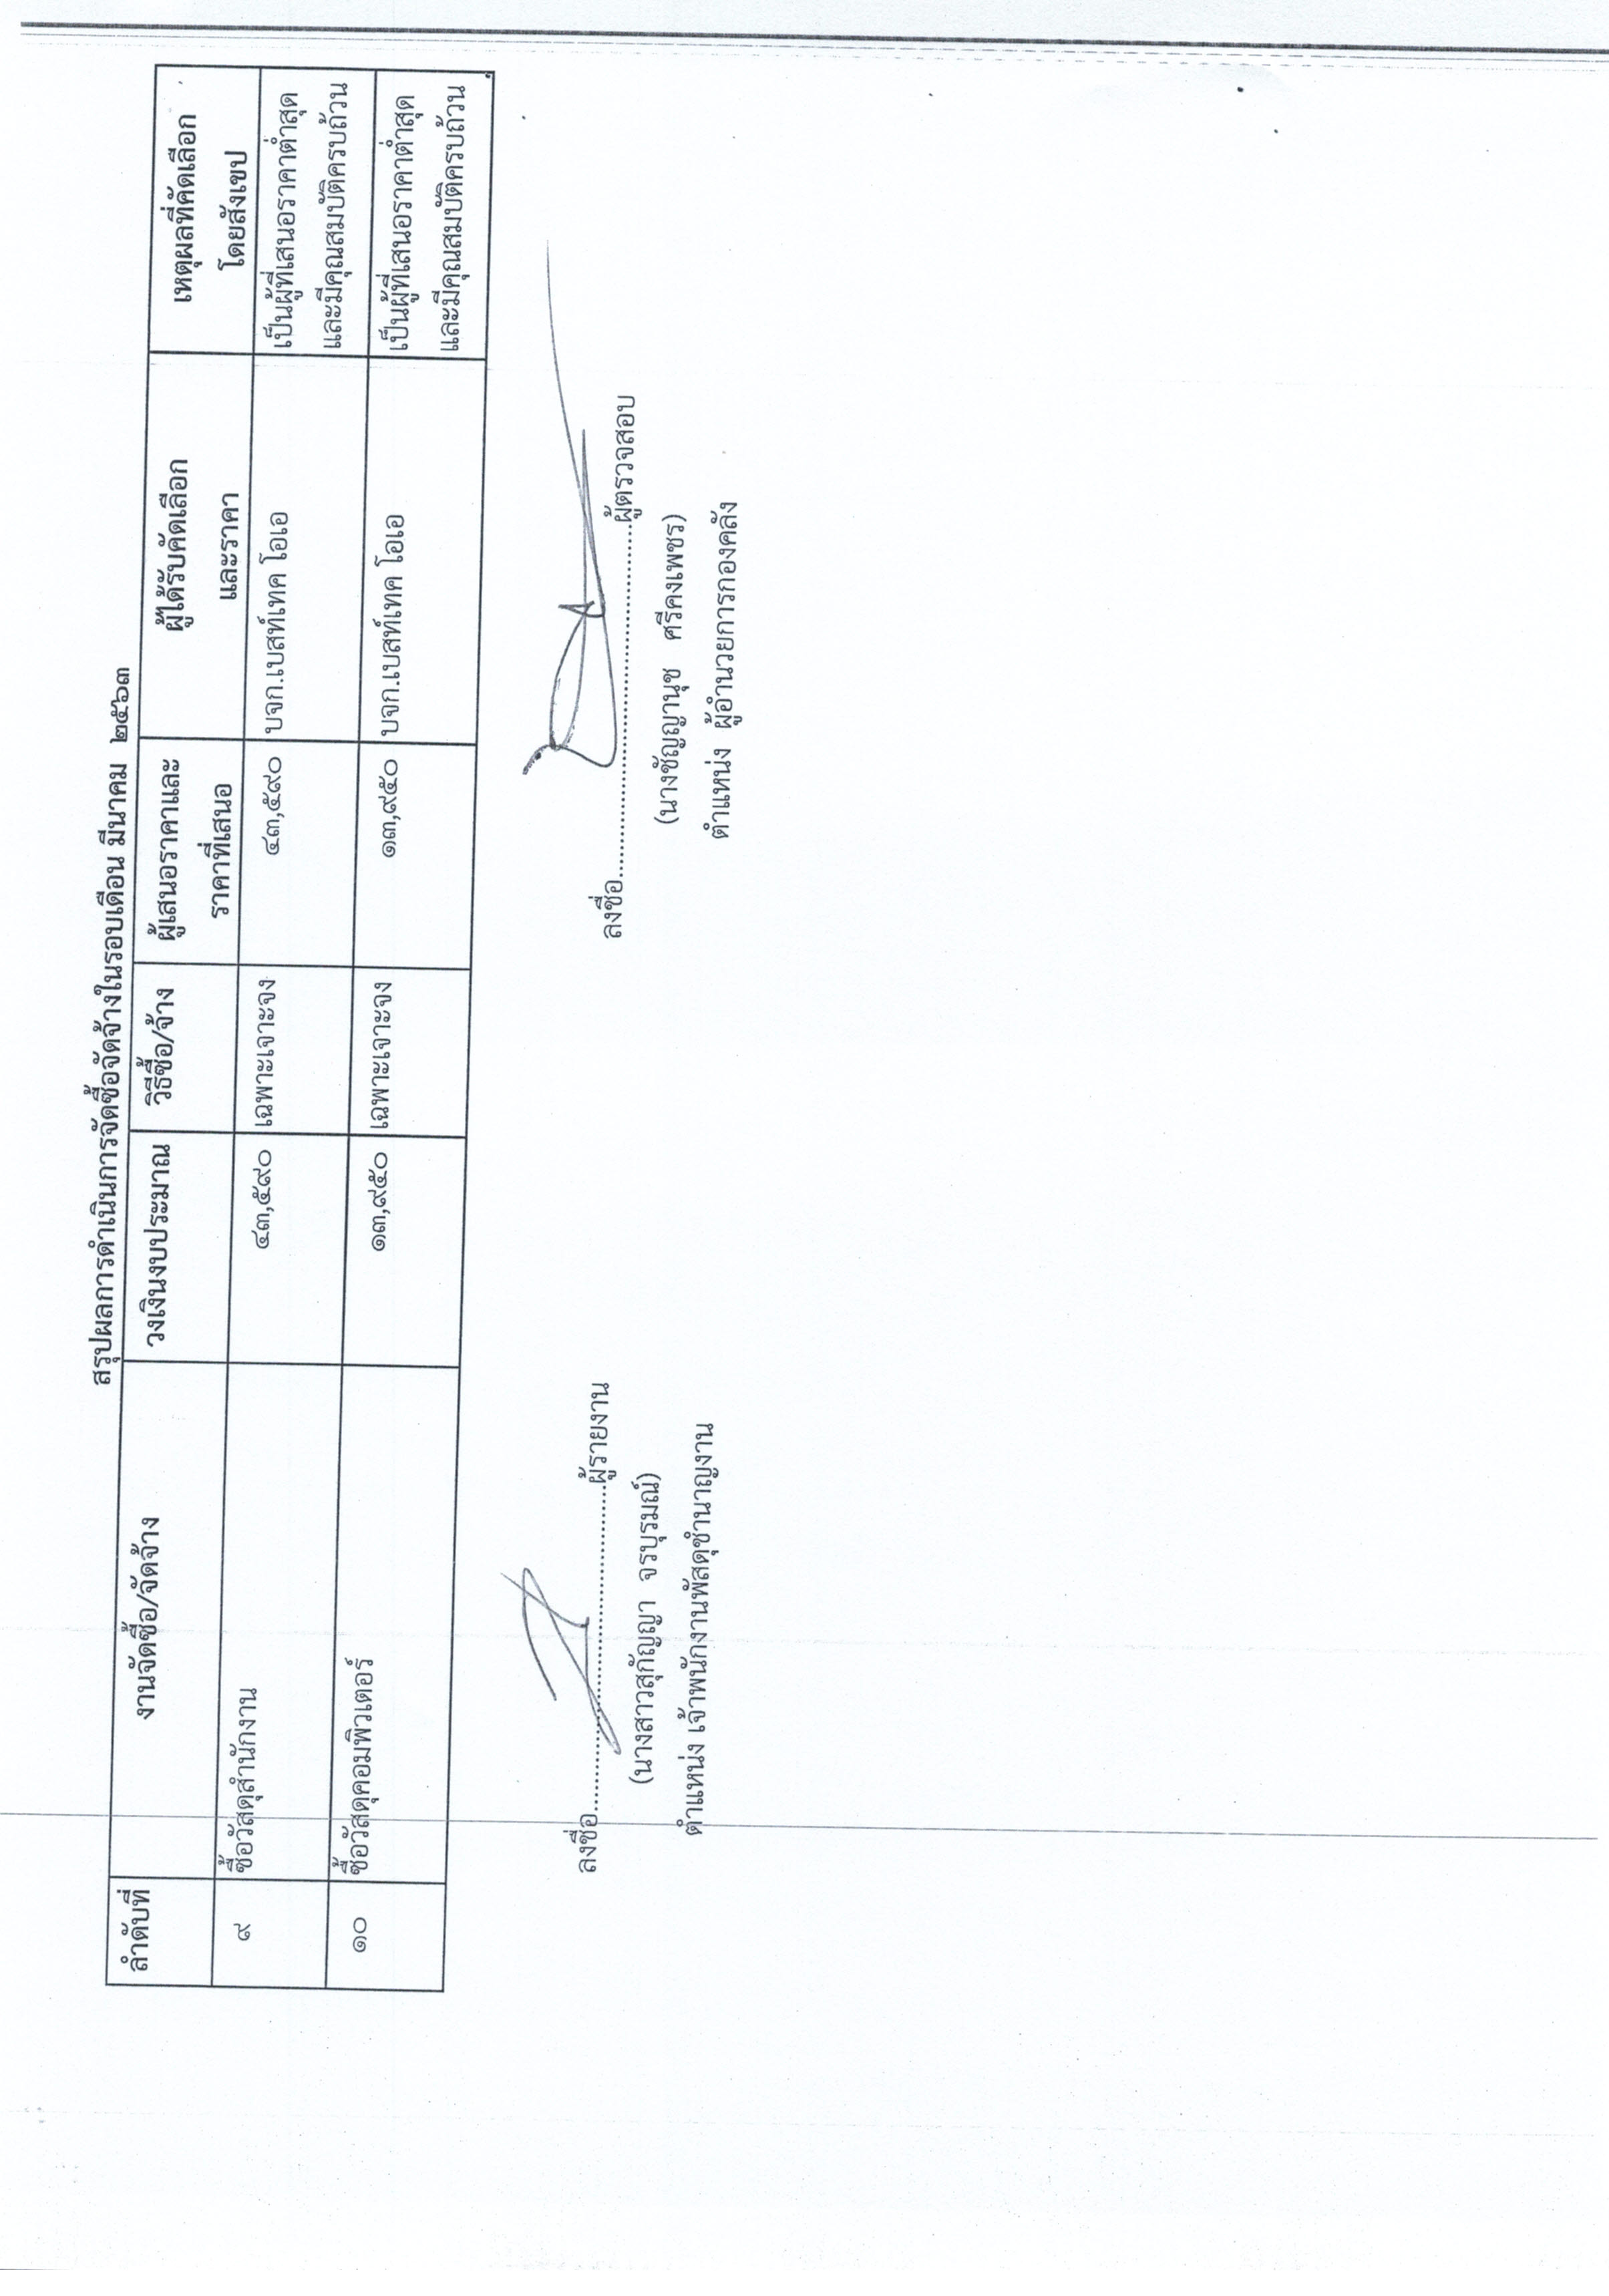 สรุปผลการจัดซื้อจัดจ้าง รายเดือน30062563_0015